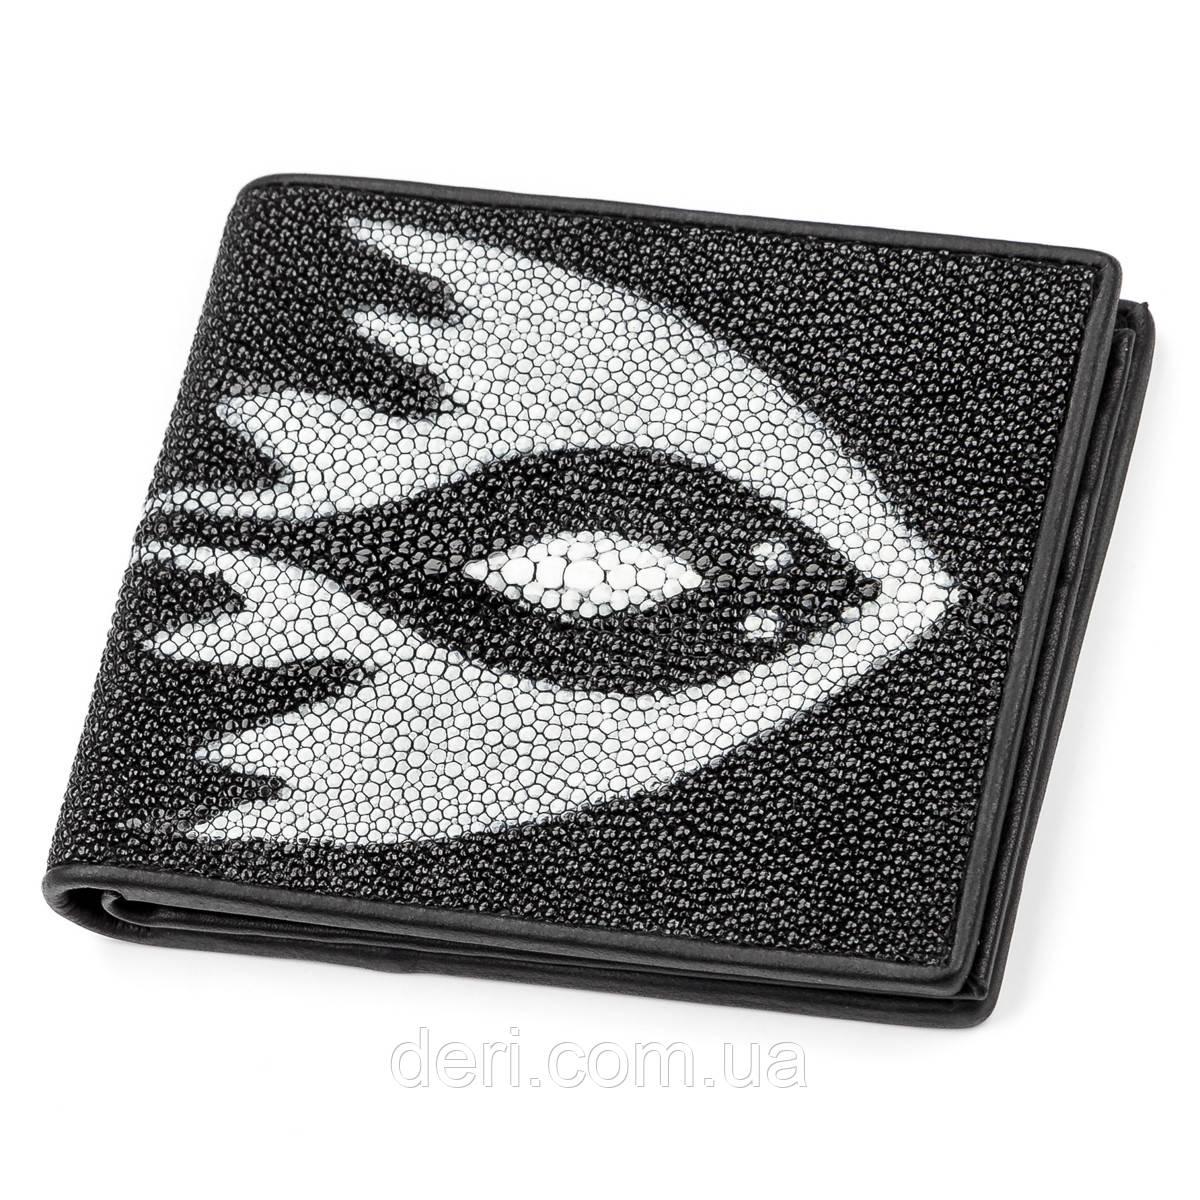 Бумажник мужской из натуральной кожи морского ската